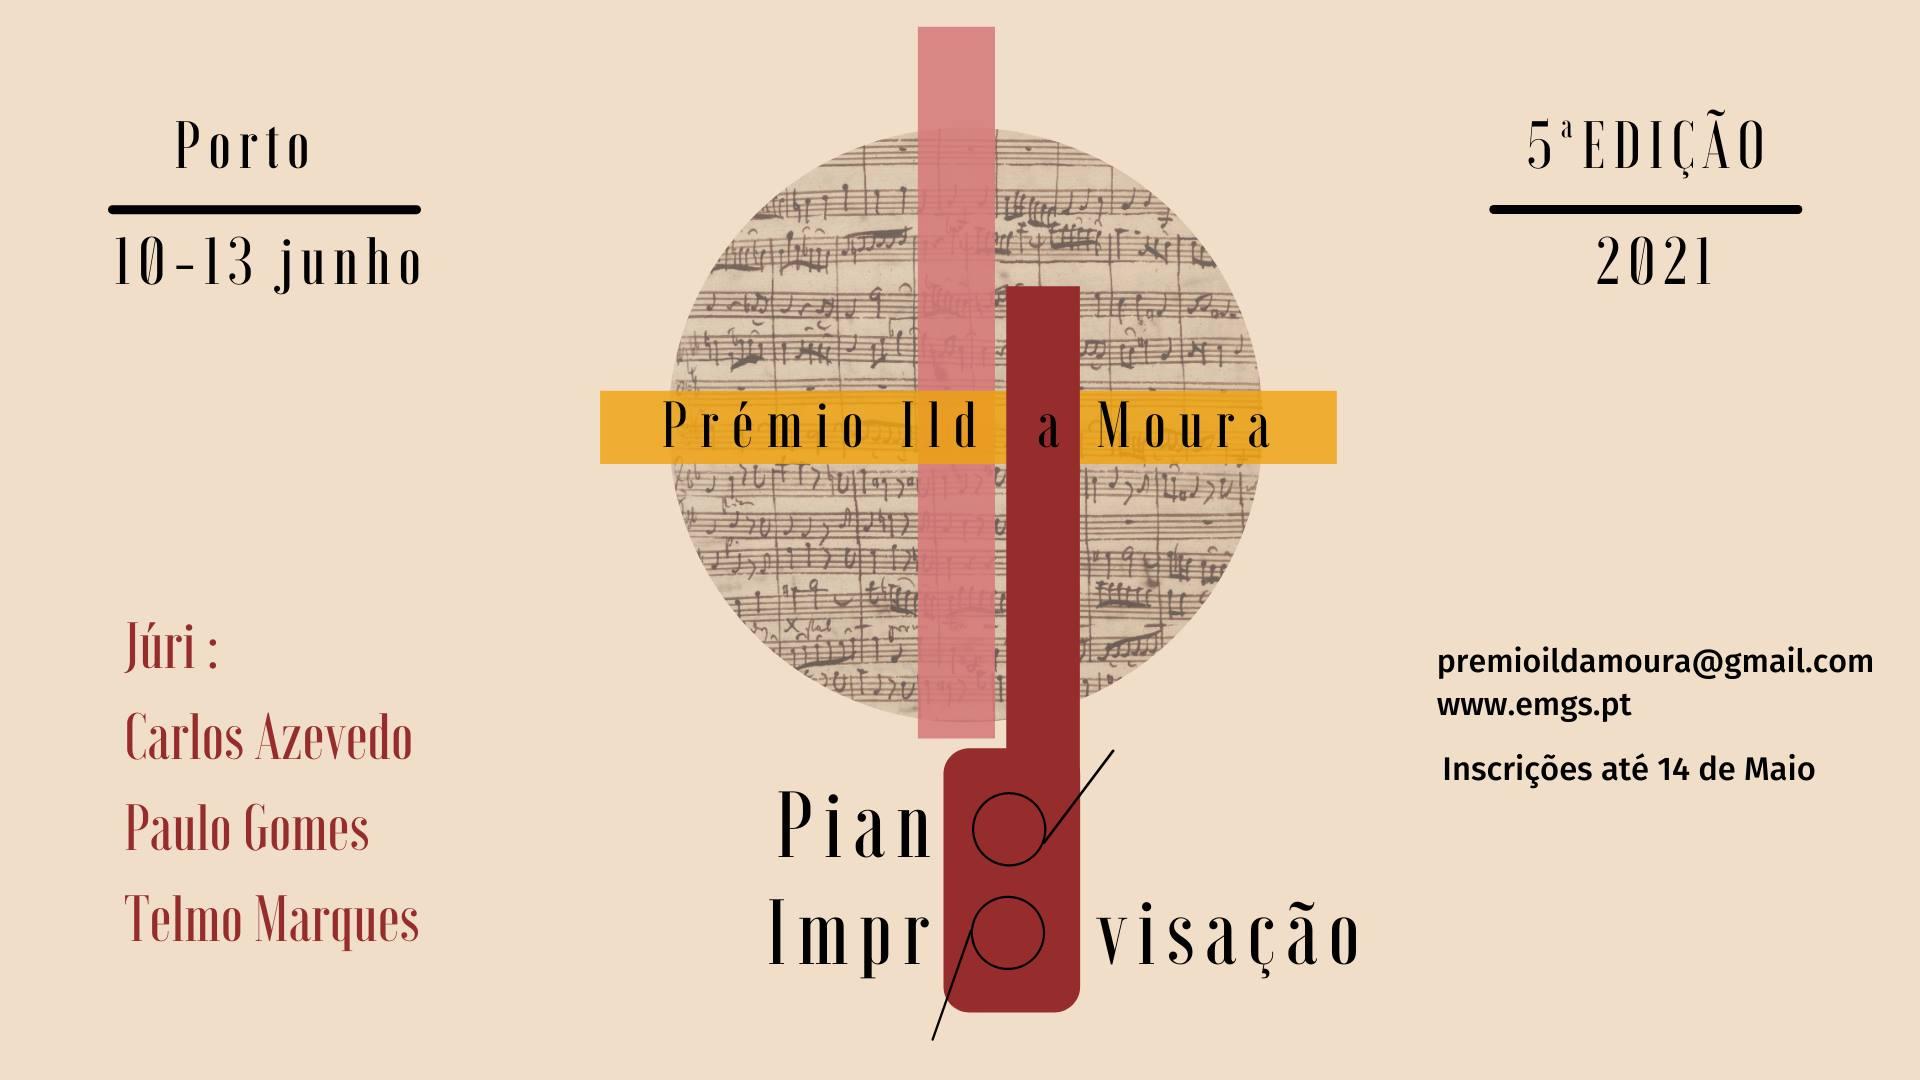 Prémio Ilda Moura | Piano_Improvisação